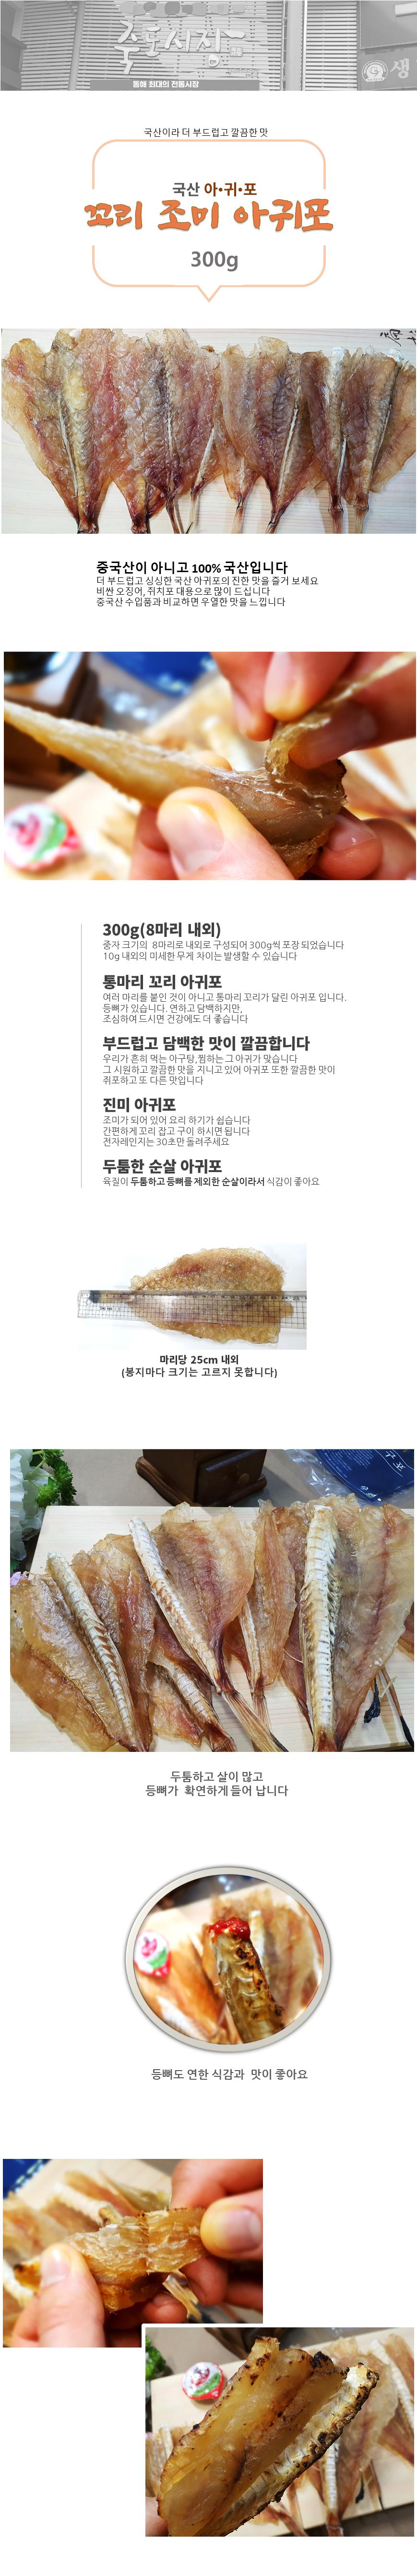 국산아귀포300-01.png